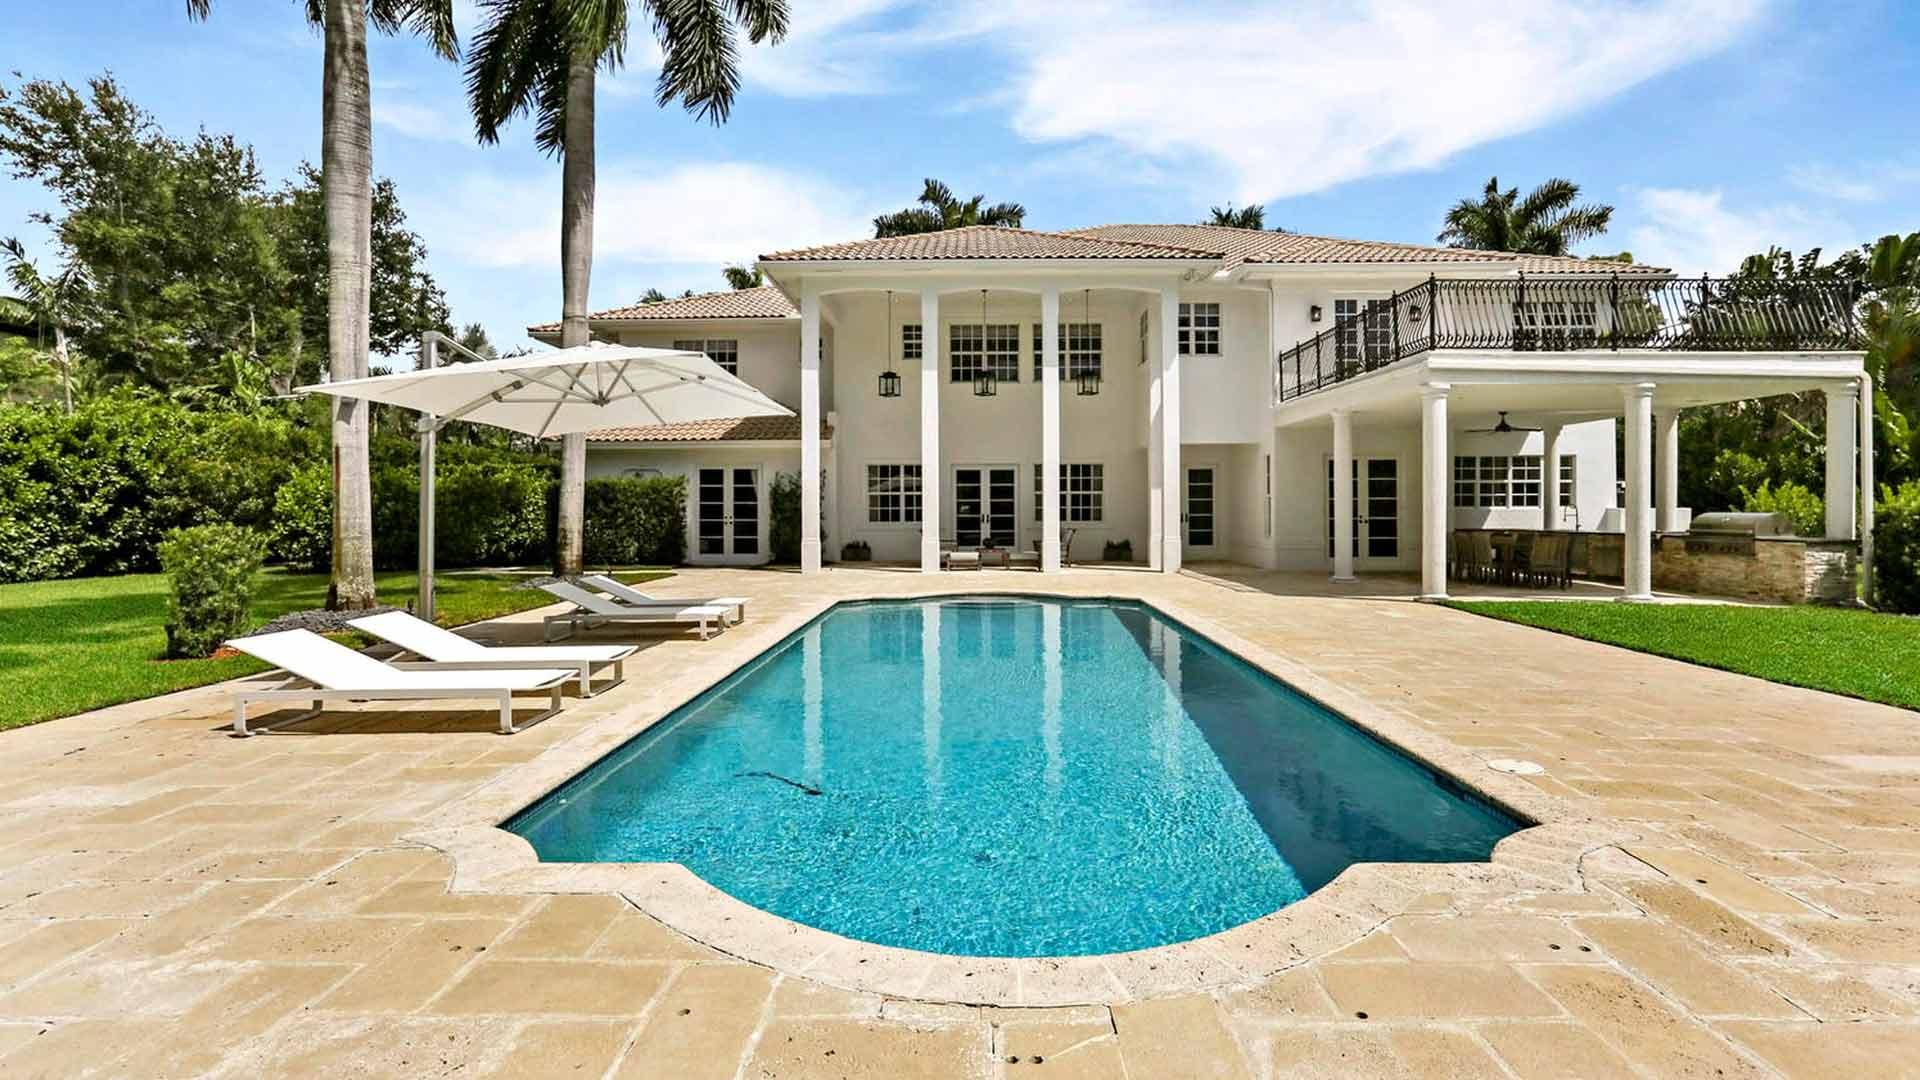 Perheen uudessa kodissa on upea uima-allas. Madeleine ja Chris maksoivat hulppeasta huvilastaan 3 miljoonaa dollaria eli noin 2,5 miljoonaa euroa.